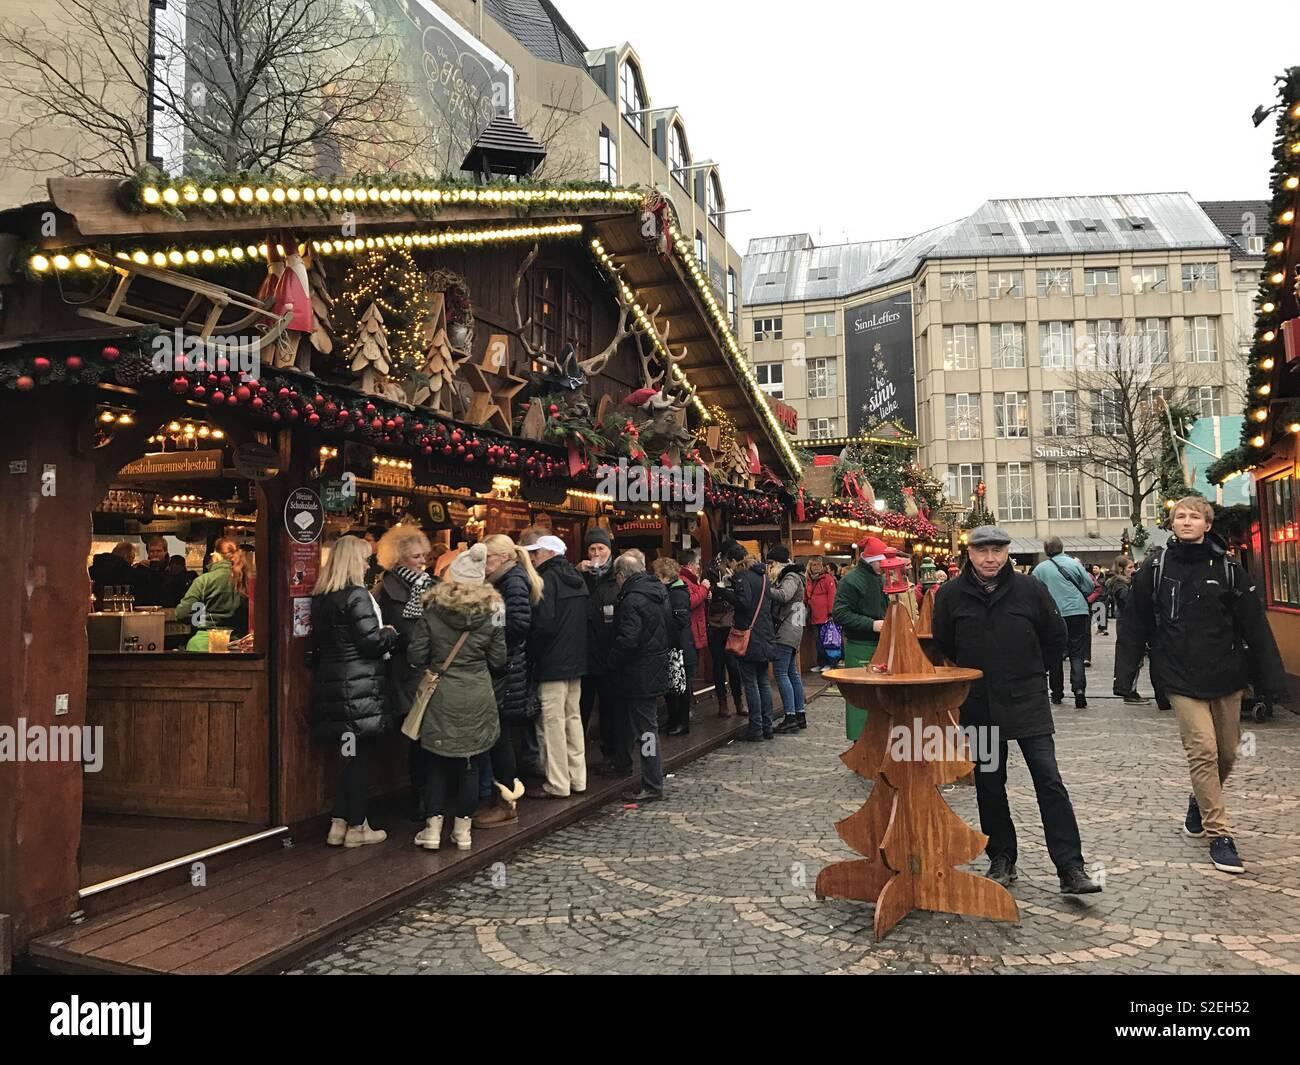 Weihnachtsmarkt Bonn.Weihnachtsmarkt Bonn Deutschland Stockfoto Bild 311336734 Alamy